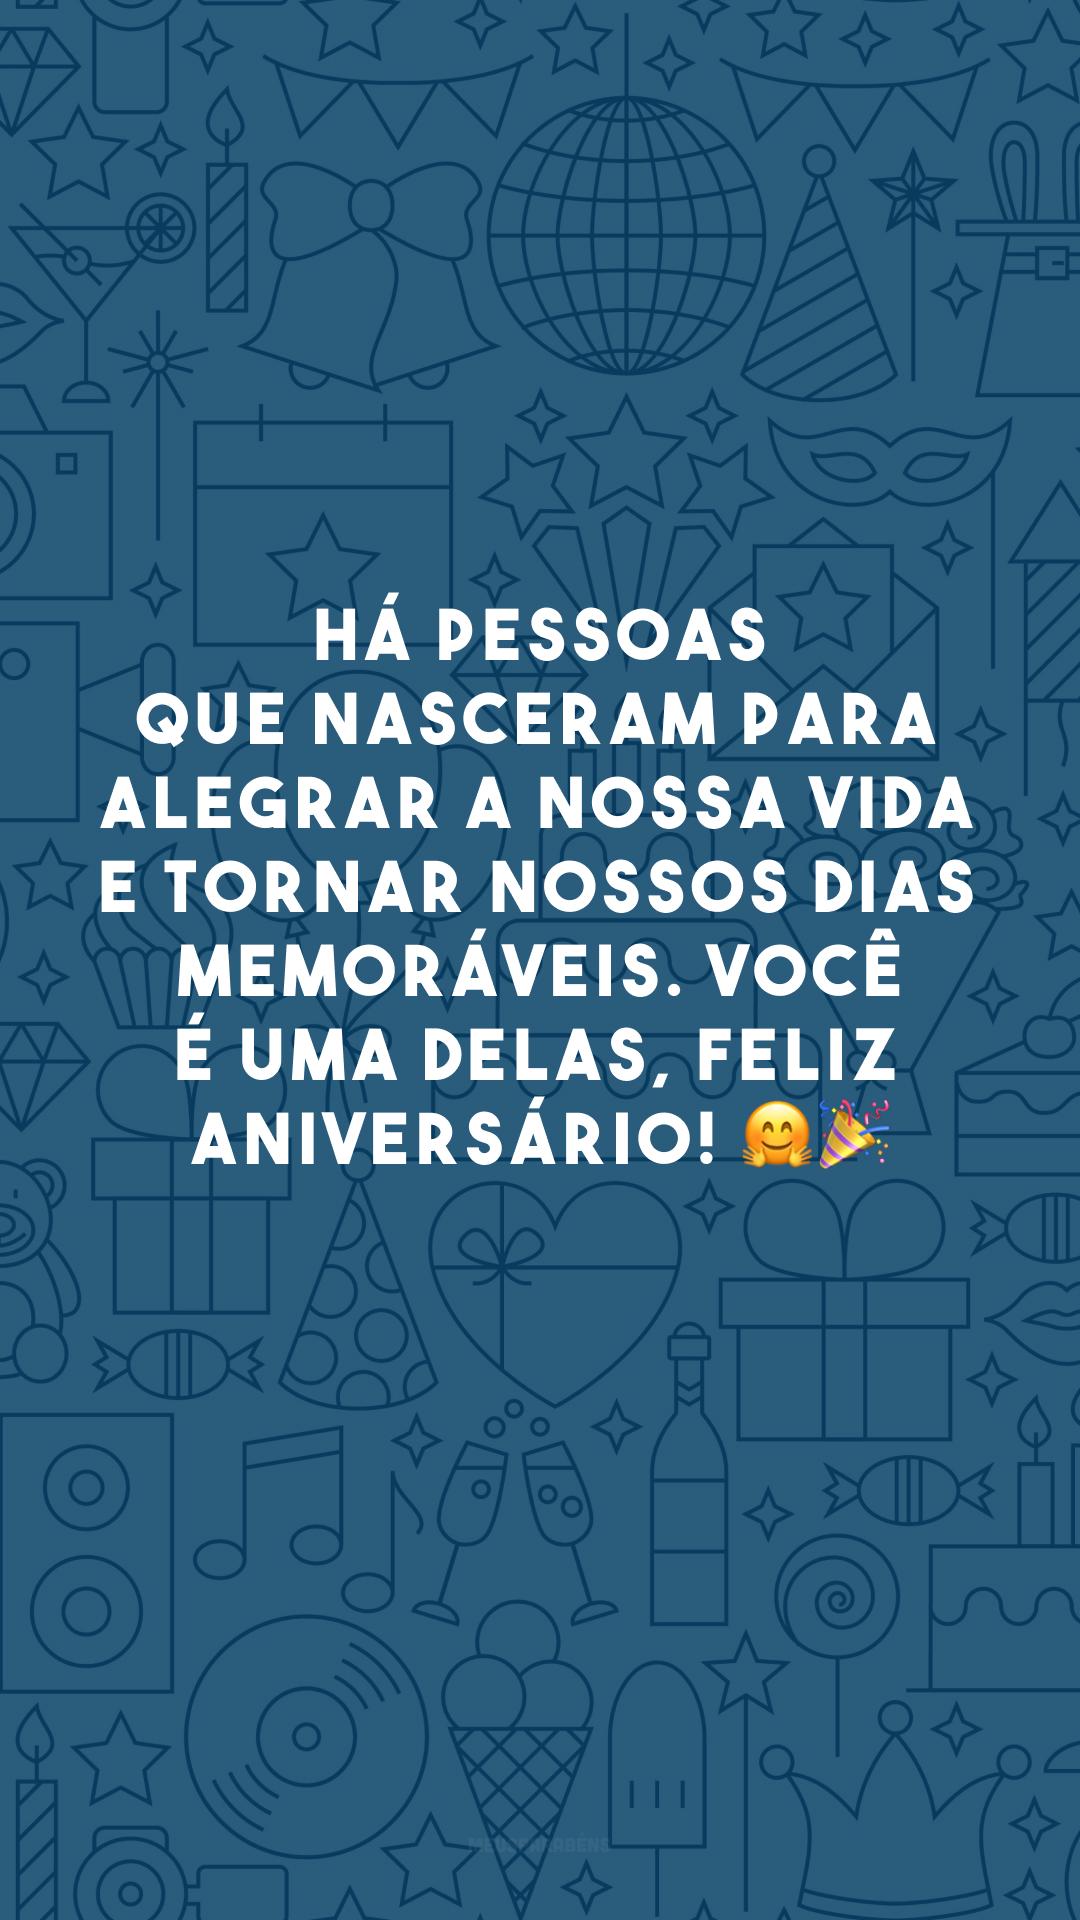 Há pessoas que nasceram para alegrar a nossa vida e tornar nossos dias memoráveis. Você é uma delas, feliz aniversário! ??